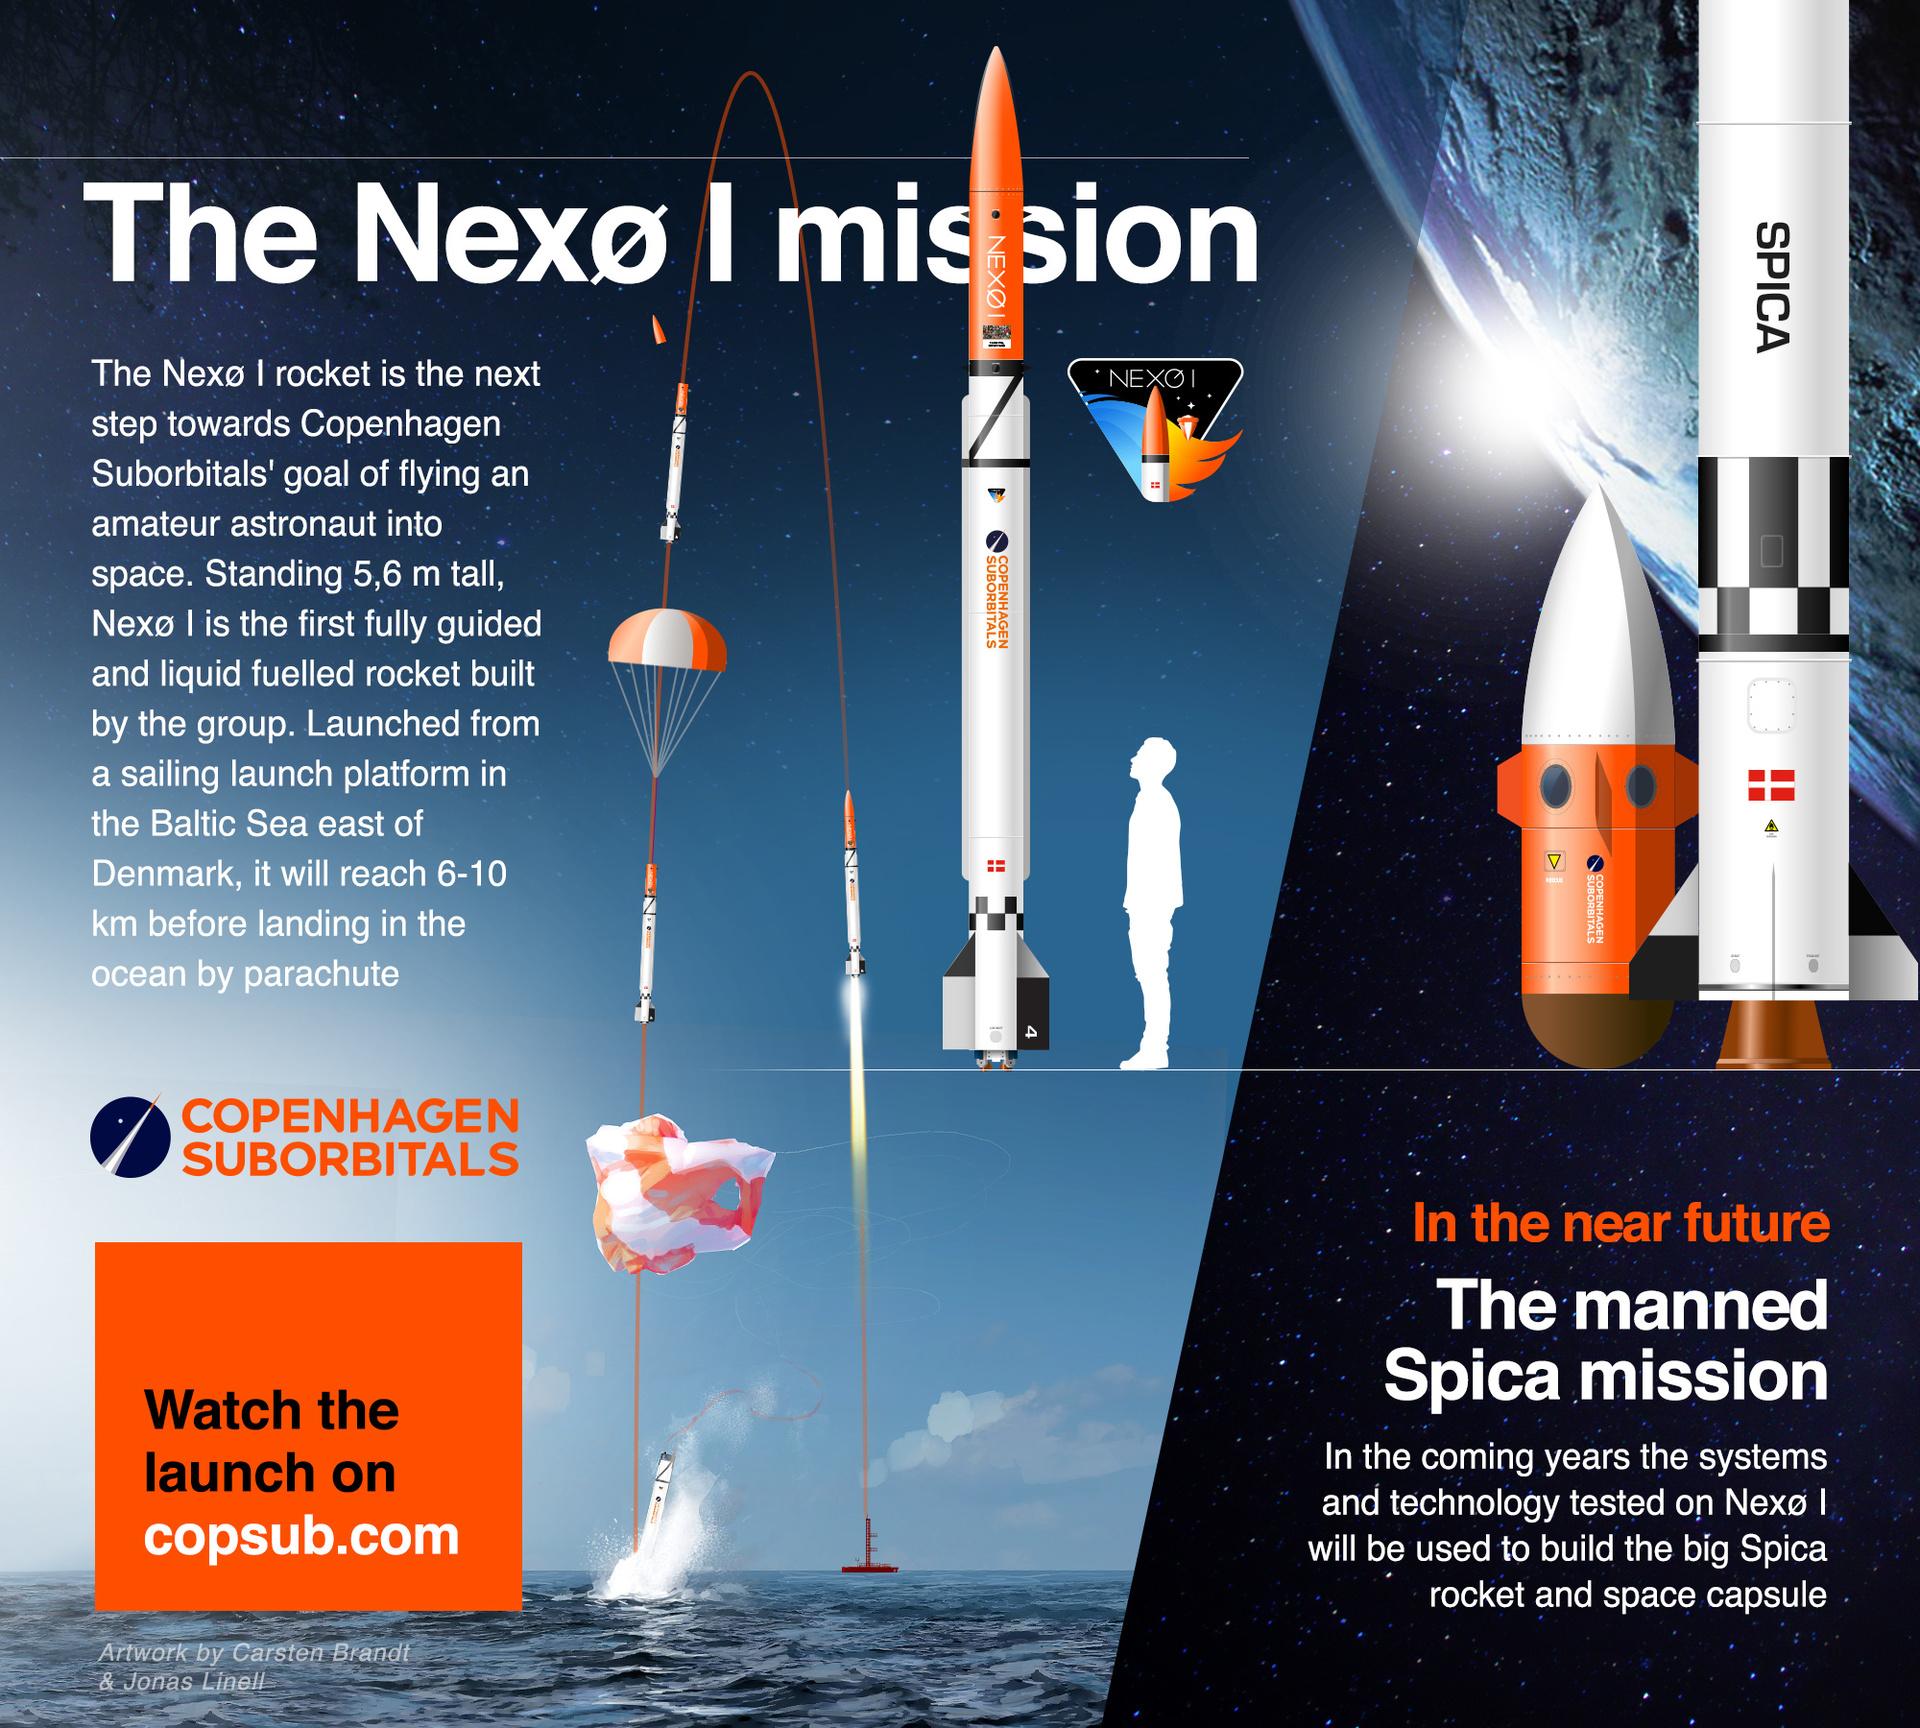 [Обновлено] Copenhagen Suborbitals сегодня запустила очередную суборбитальную ракету